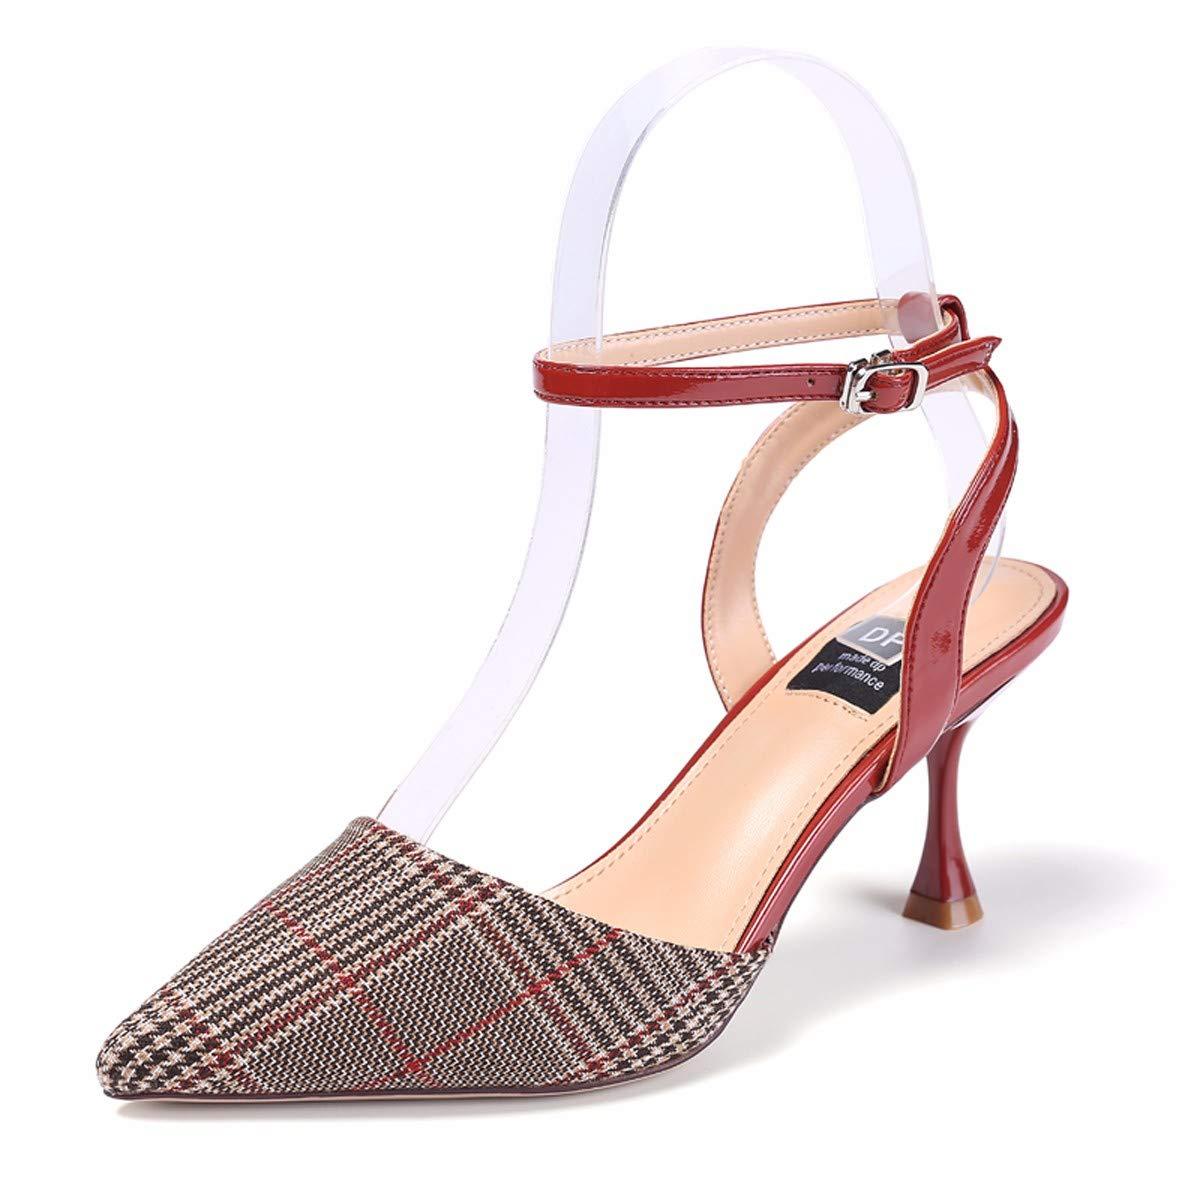 GTVERNH Frauen Schuhe/Im Sommer Frauen Pointcuts Halb Taschen Aufgewölbte Sandaleen Schnallen Dünnen Absätzen 8 cm Promis Überprüft Schuhe.